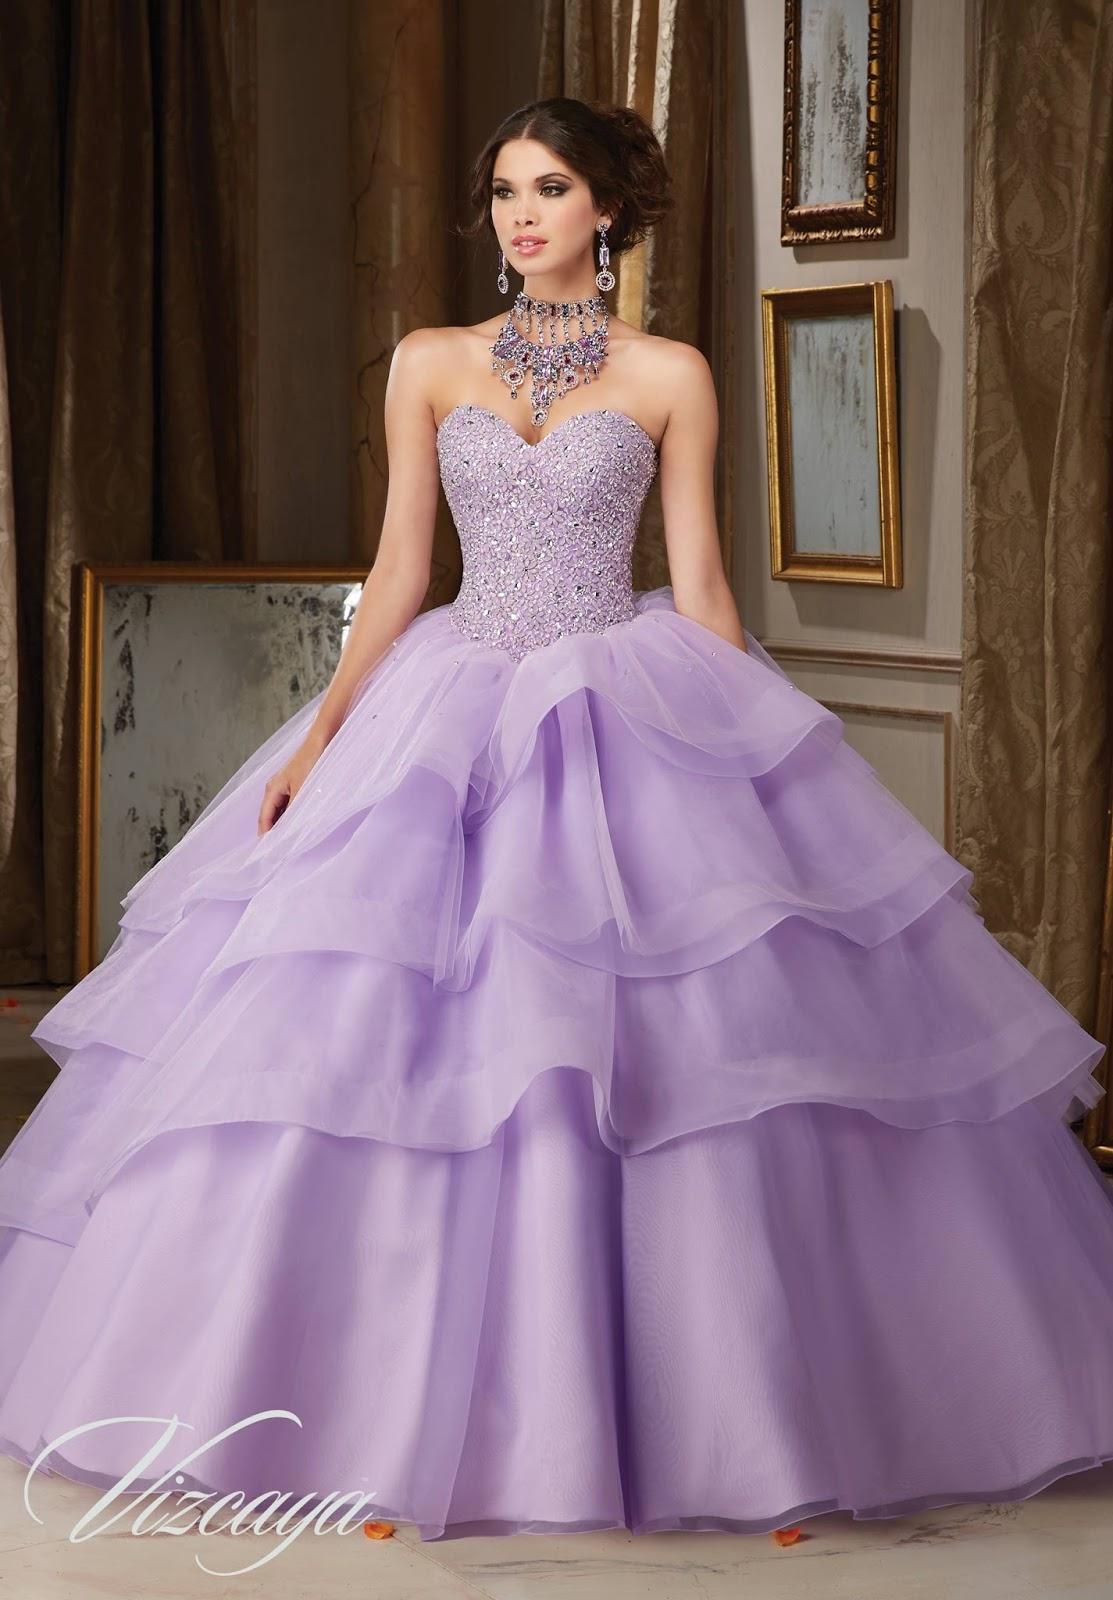 6c040beee Vestidos de XV Años Modernos ¡10 Lindos Modelos!